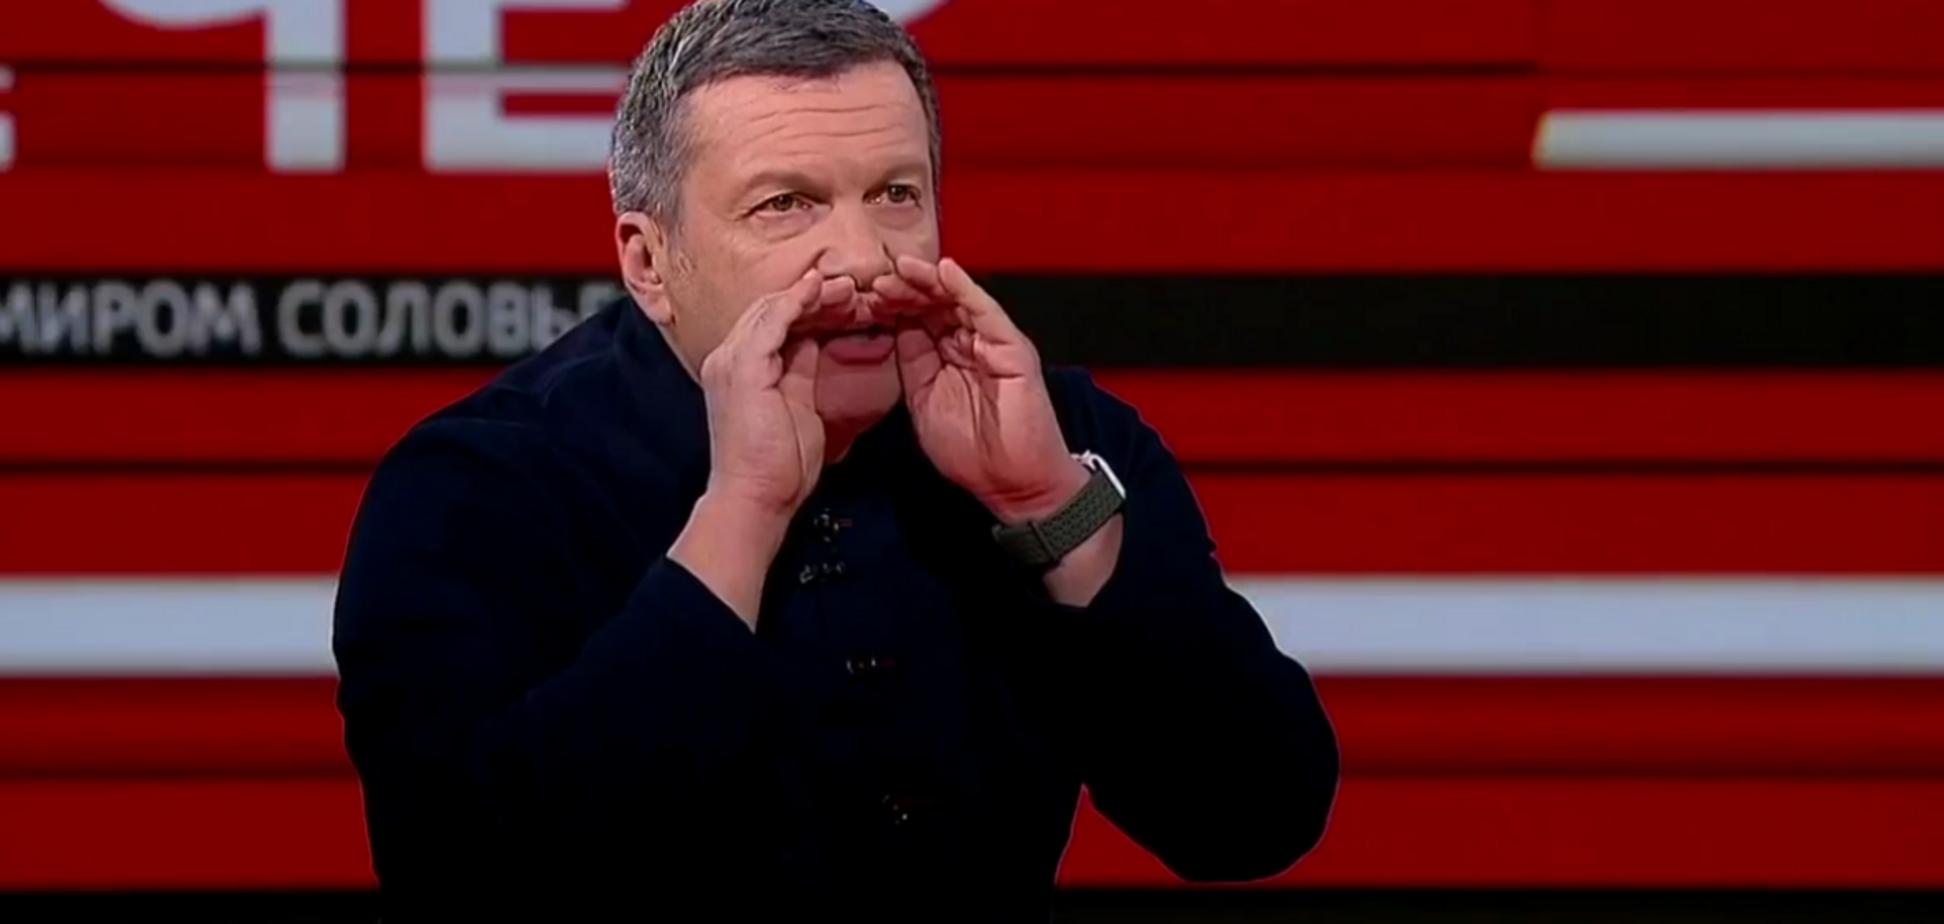 Соловйов влаштував істерику в прямому ефірі через Бандеру і Шухевича